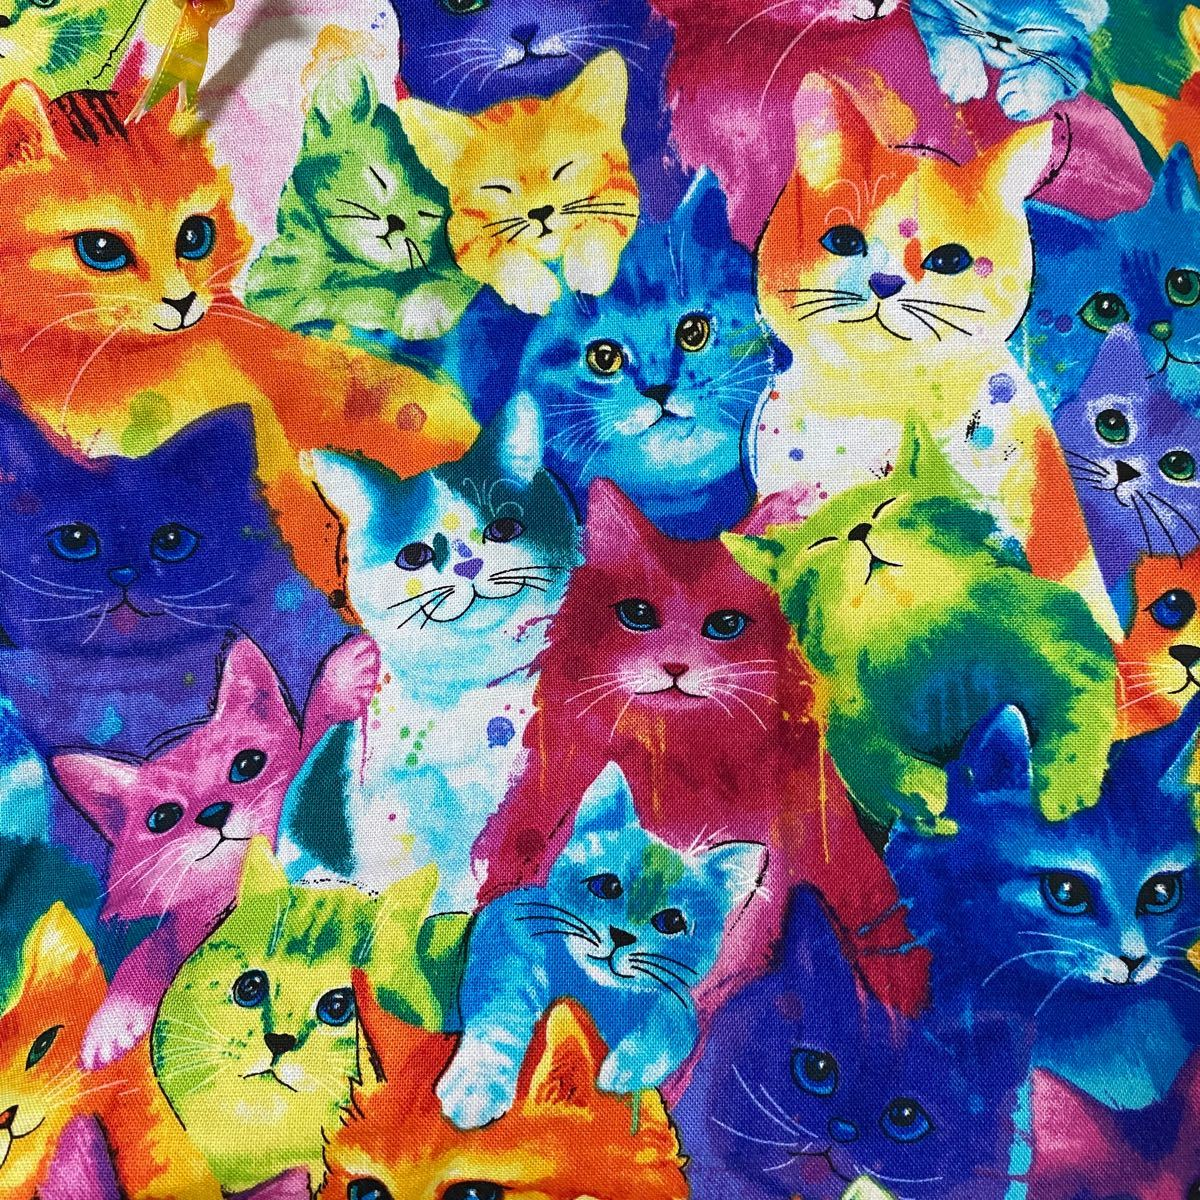 ハンドメイド ランチバッグ トートバッグ 巾着 ネオン 猫 総柄